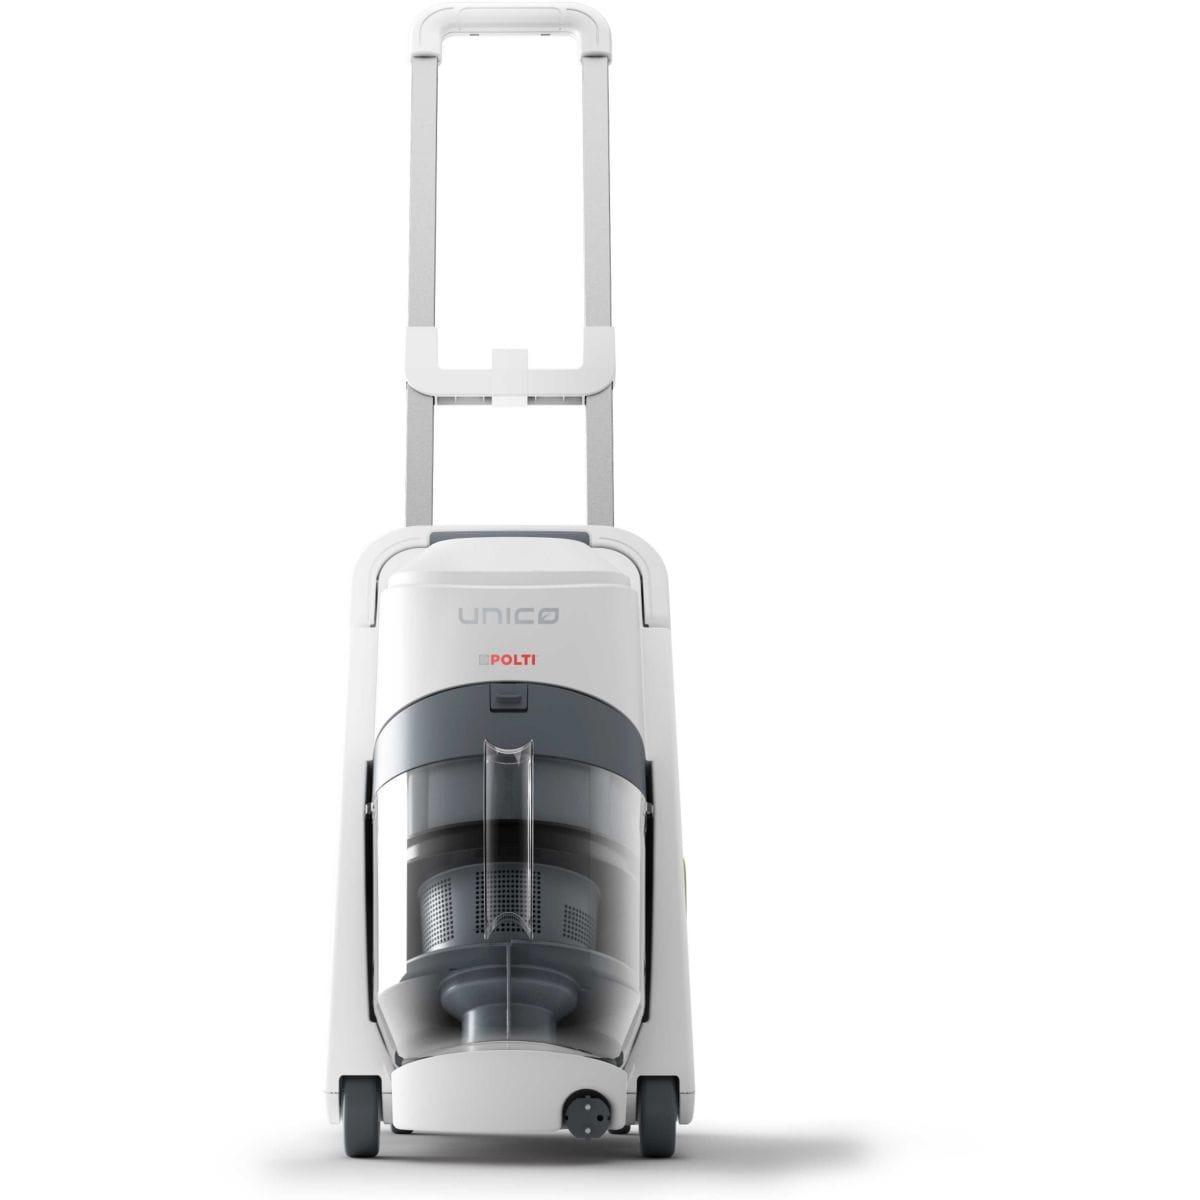 Aspirateur nettoyeur vapeur polti unico mcv70 allergy - Aspirateur vapeur polti ...